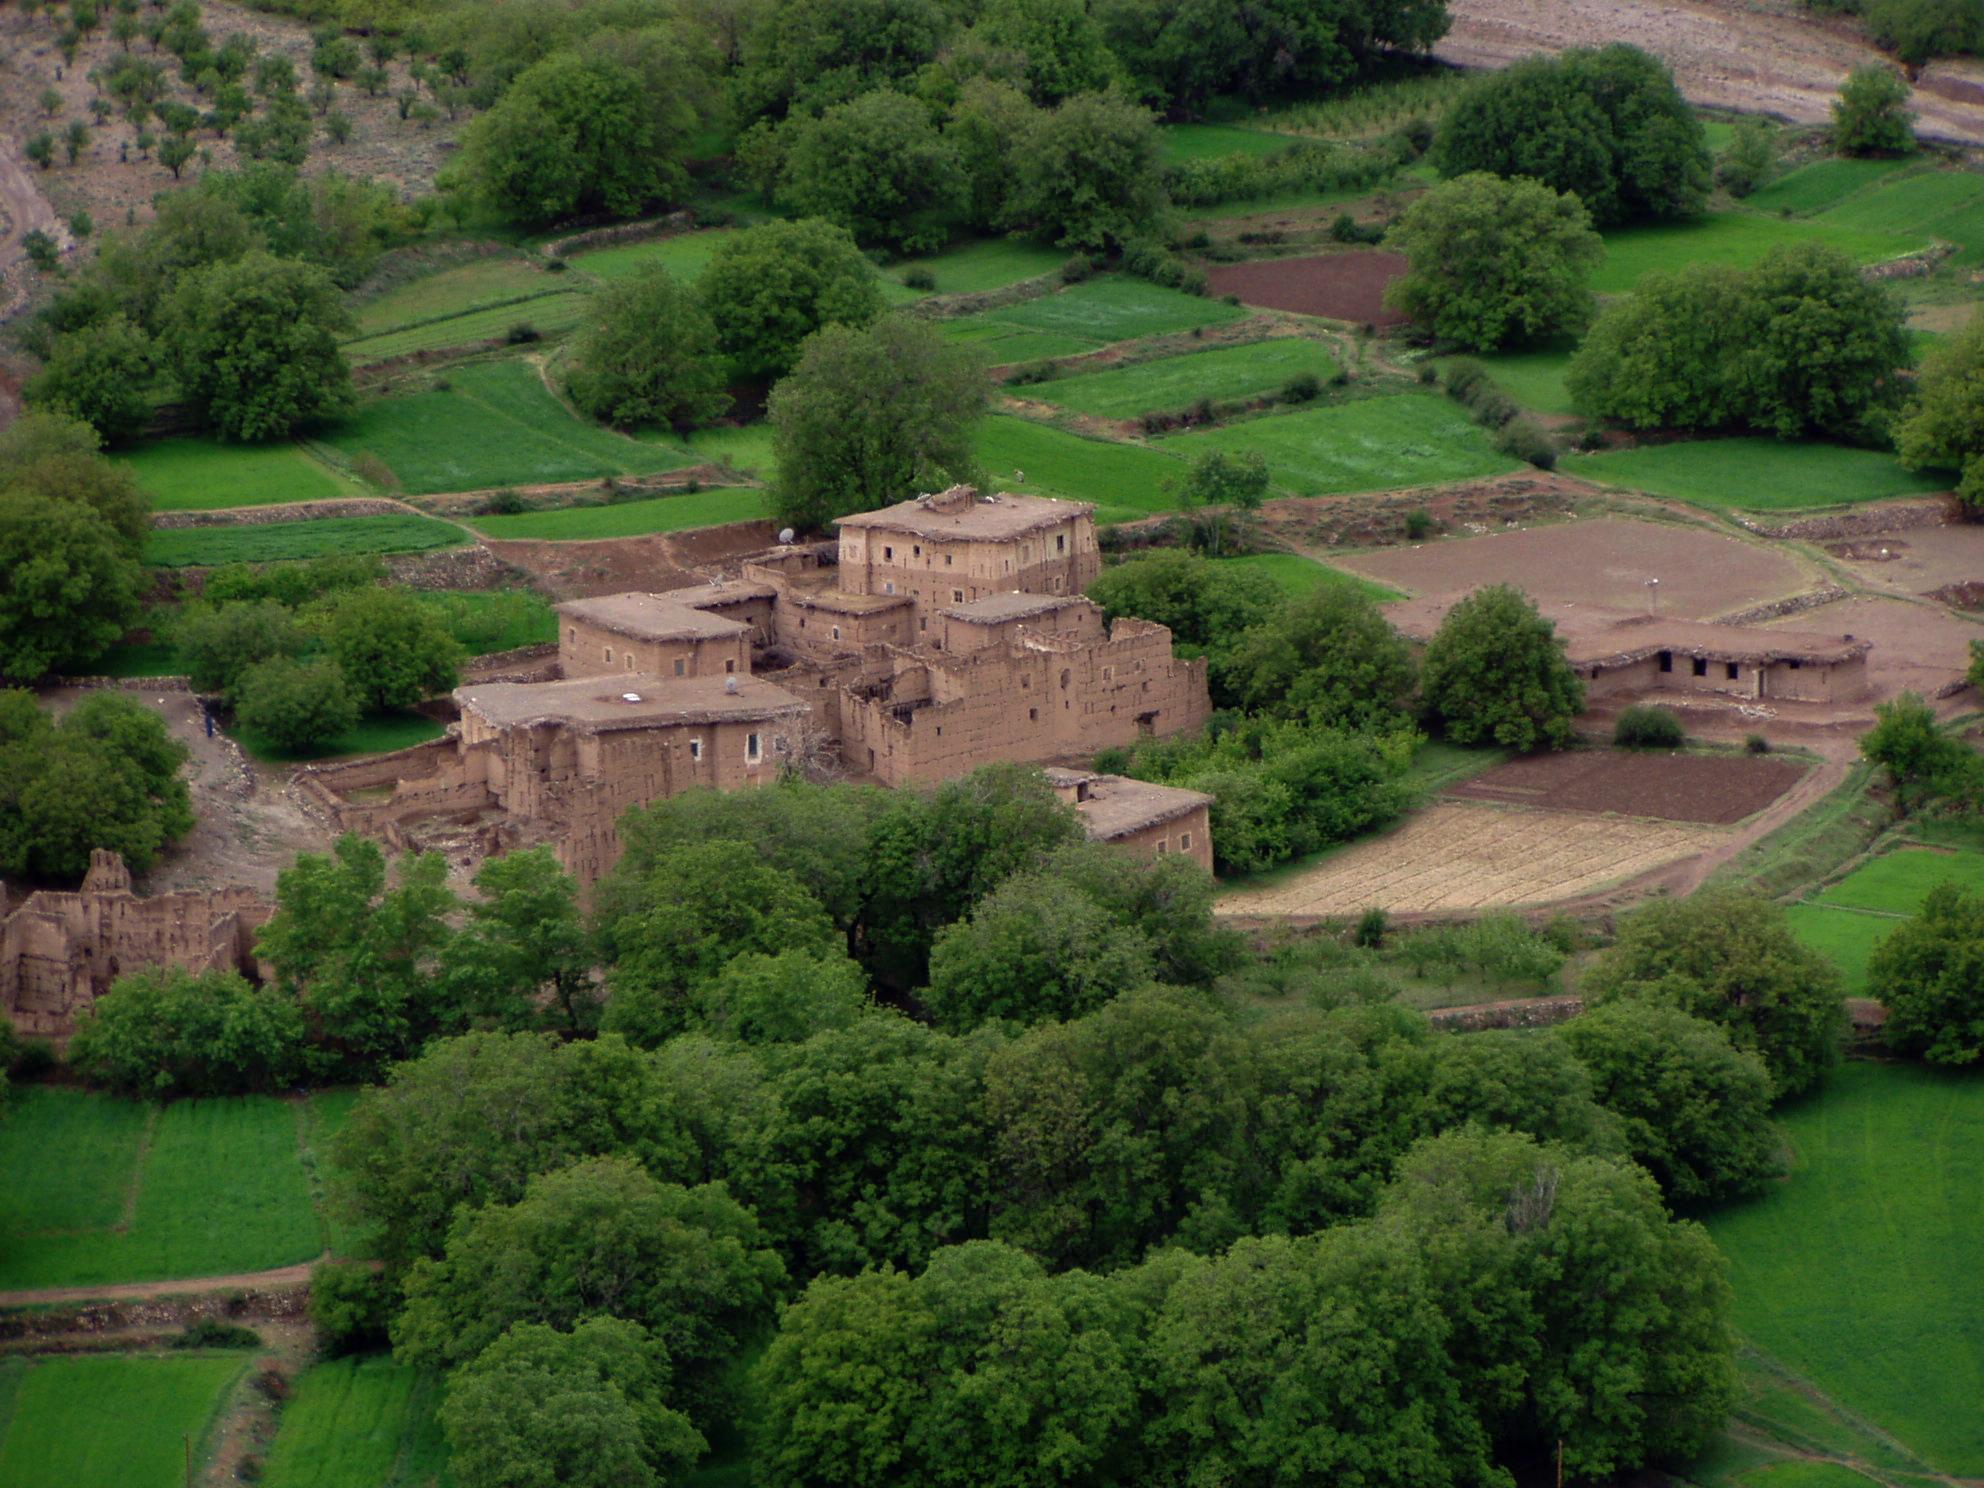 Voyage culturel au maroc - Chambre chez l habitant marrakech ...